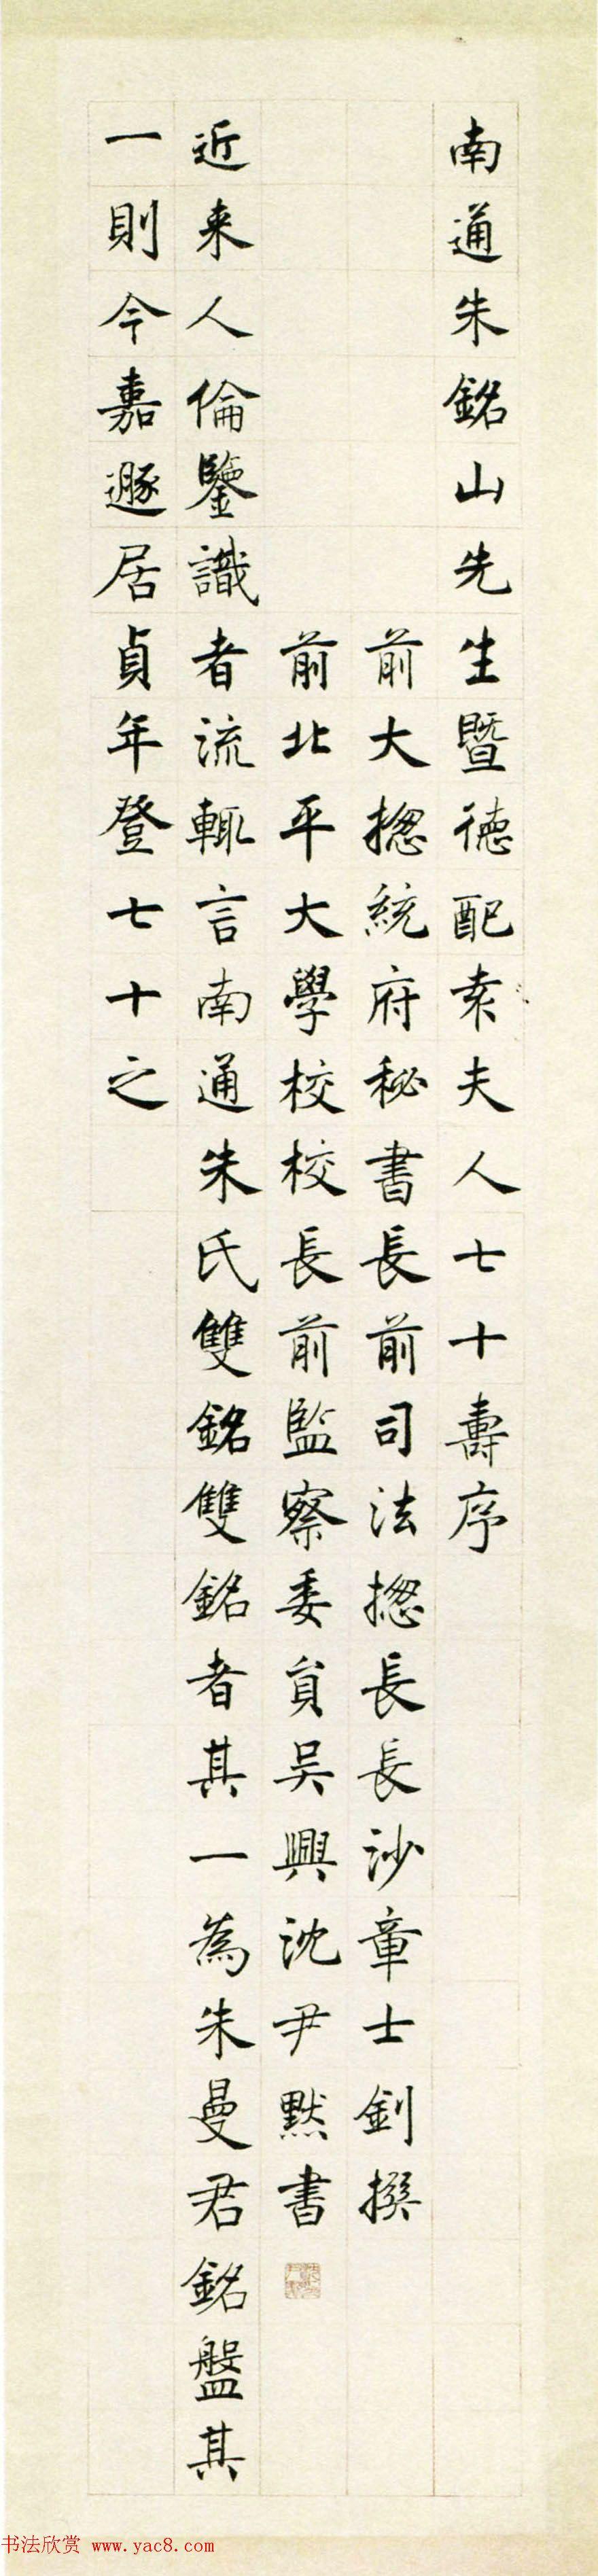 笔底江山——匾额书法随想